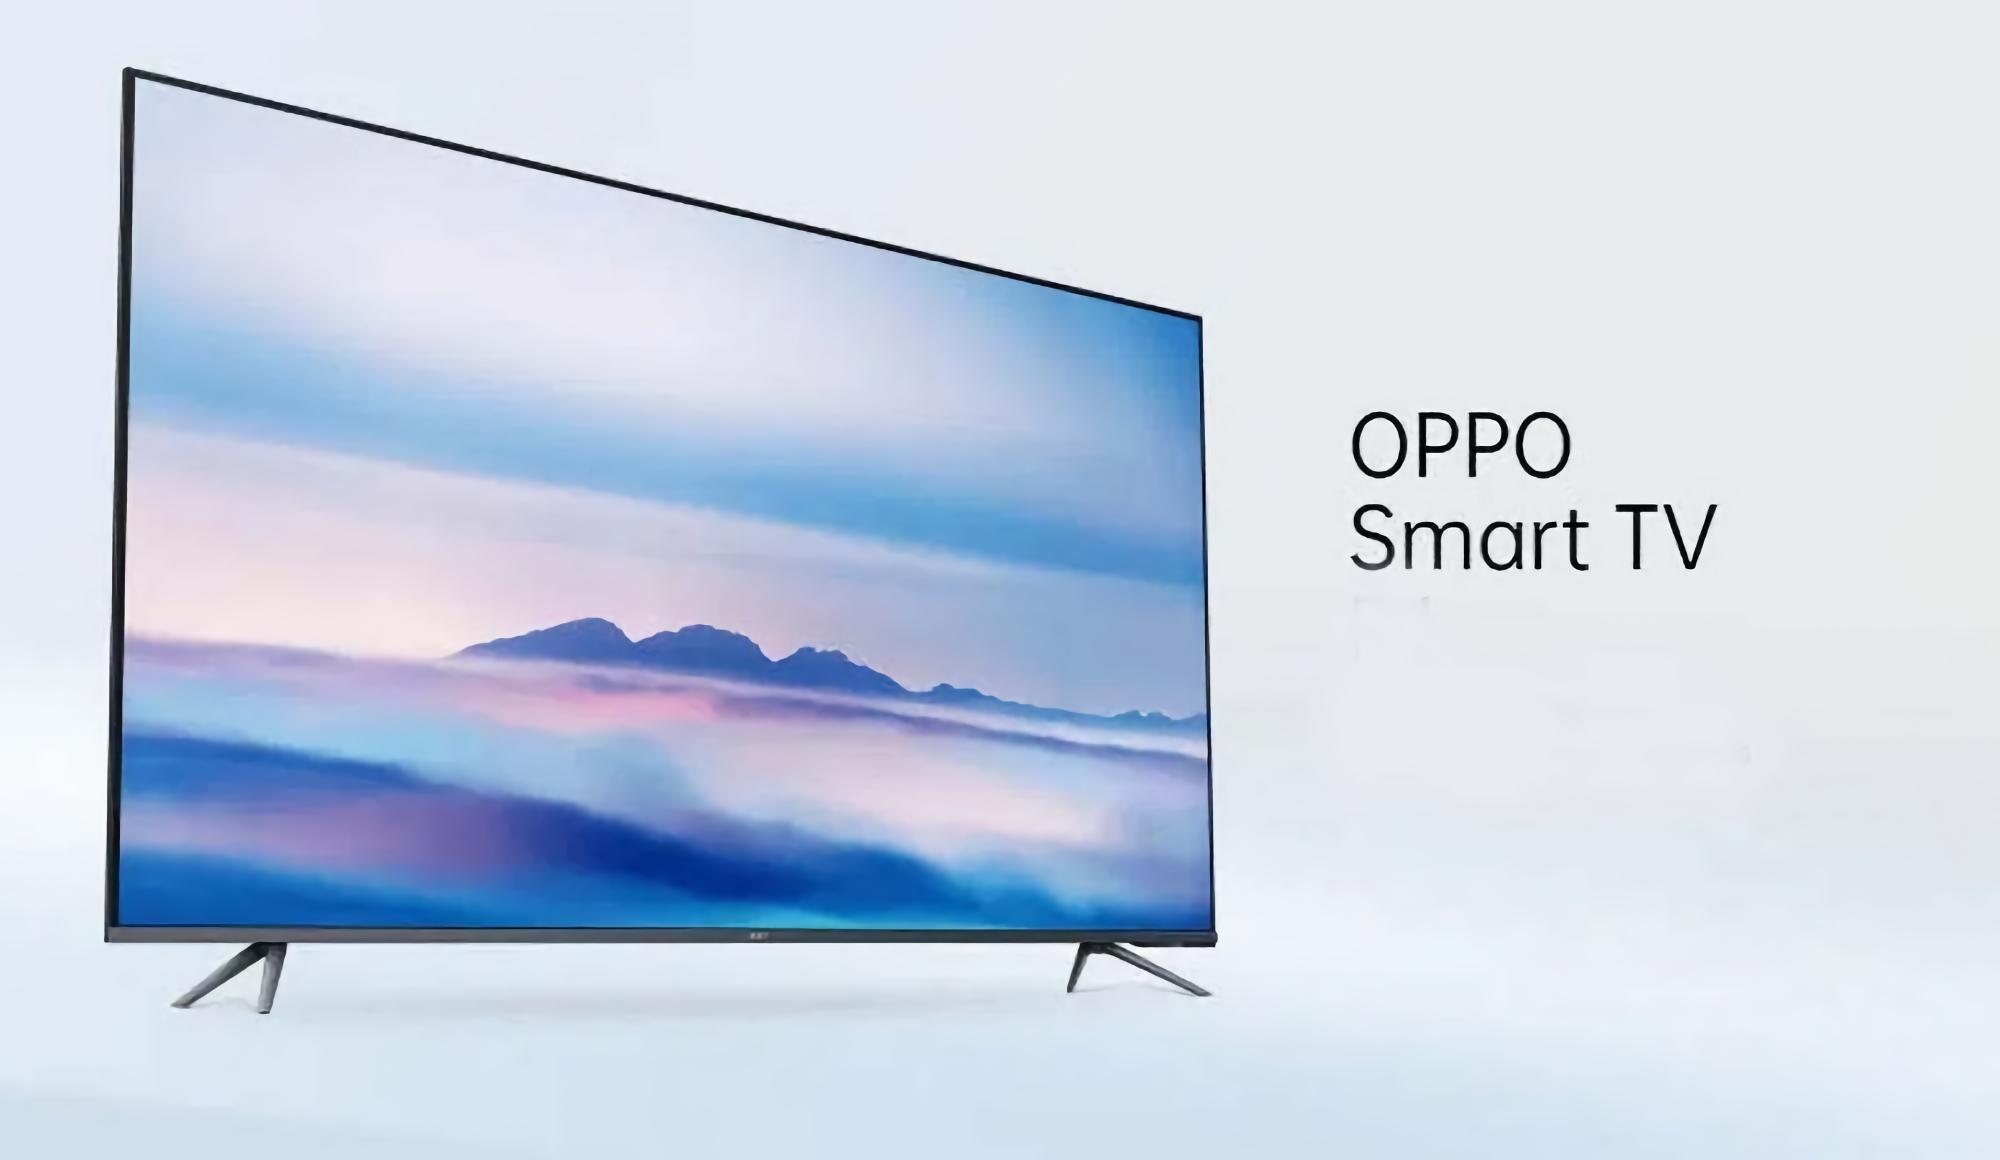 Не только смартфоны OPPO K9 и наушники OPPO Enco Air: компания OPPO 6 мая представит ещё первый бюджетный смарт-телевизор